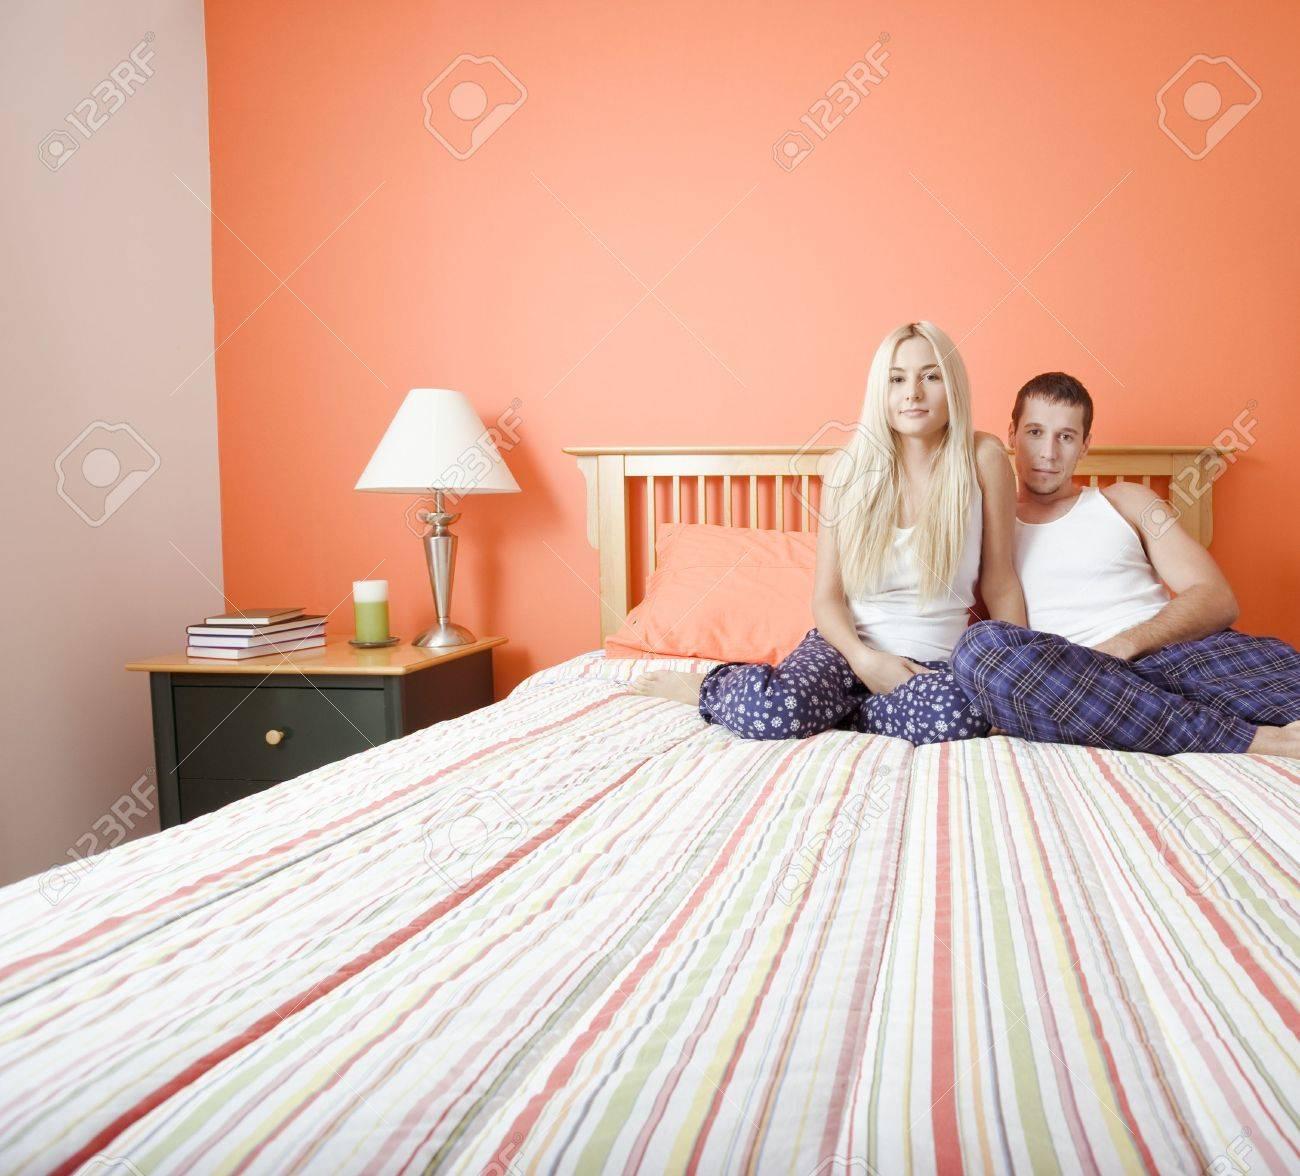 couvre lit jeune Jeune Couple Assis Sur Le Lit Avec Couvre lit écoté. Horizontal  couvre lit jeune